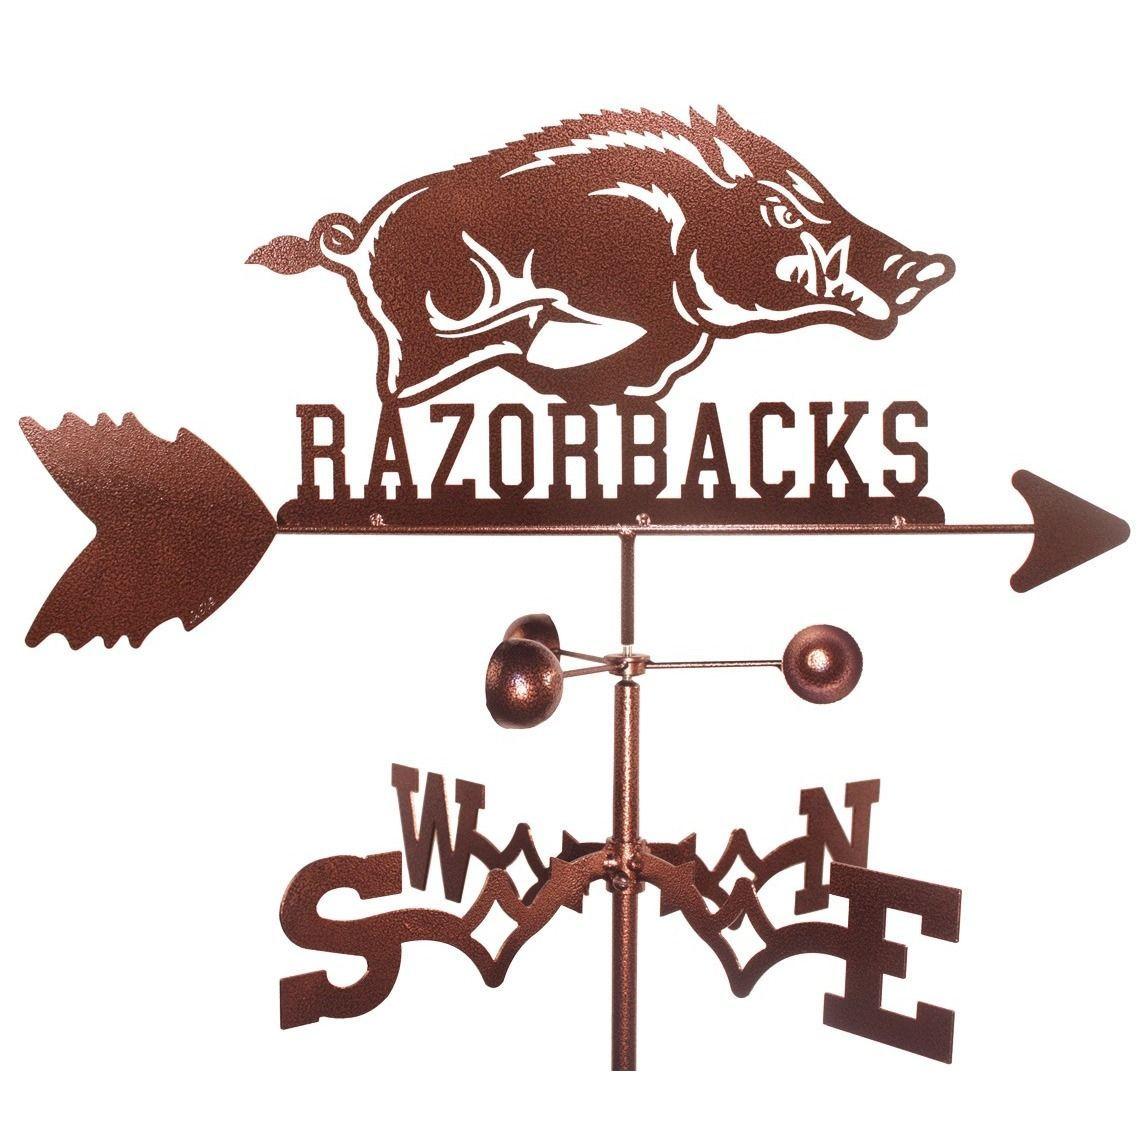 Arkansas Razorbacks Weathervane (Garden Mount), Brown copper (Steel), Outdoor Décor